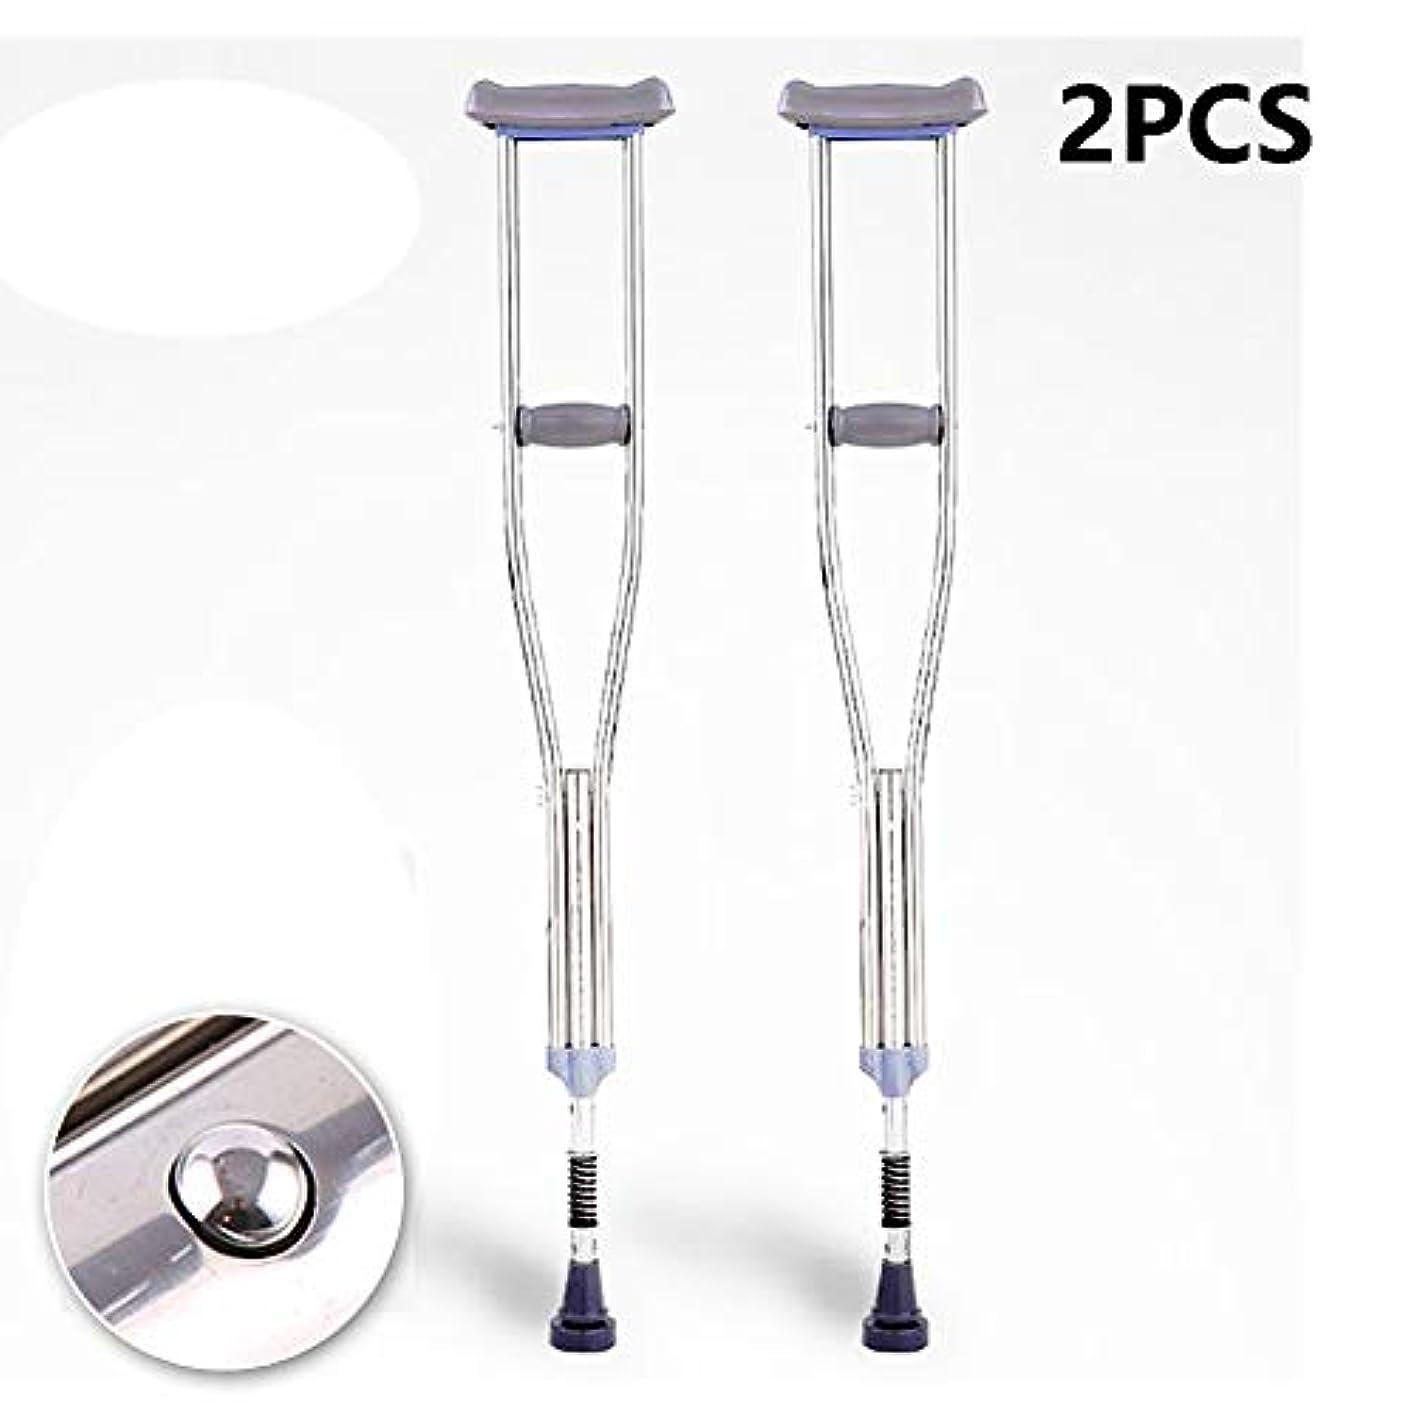 節約仕出します反発する松葉杖の前進、ステンレス製の衝撃吸収、歩行者の高齢者の高さ調節可能(2pcs)、骨折無効の松葉杖ダブルターンスクワット